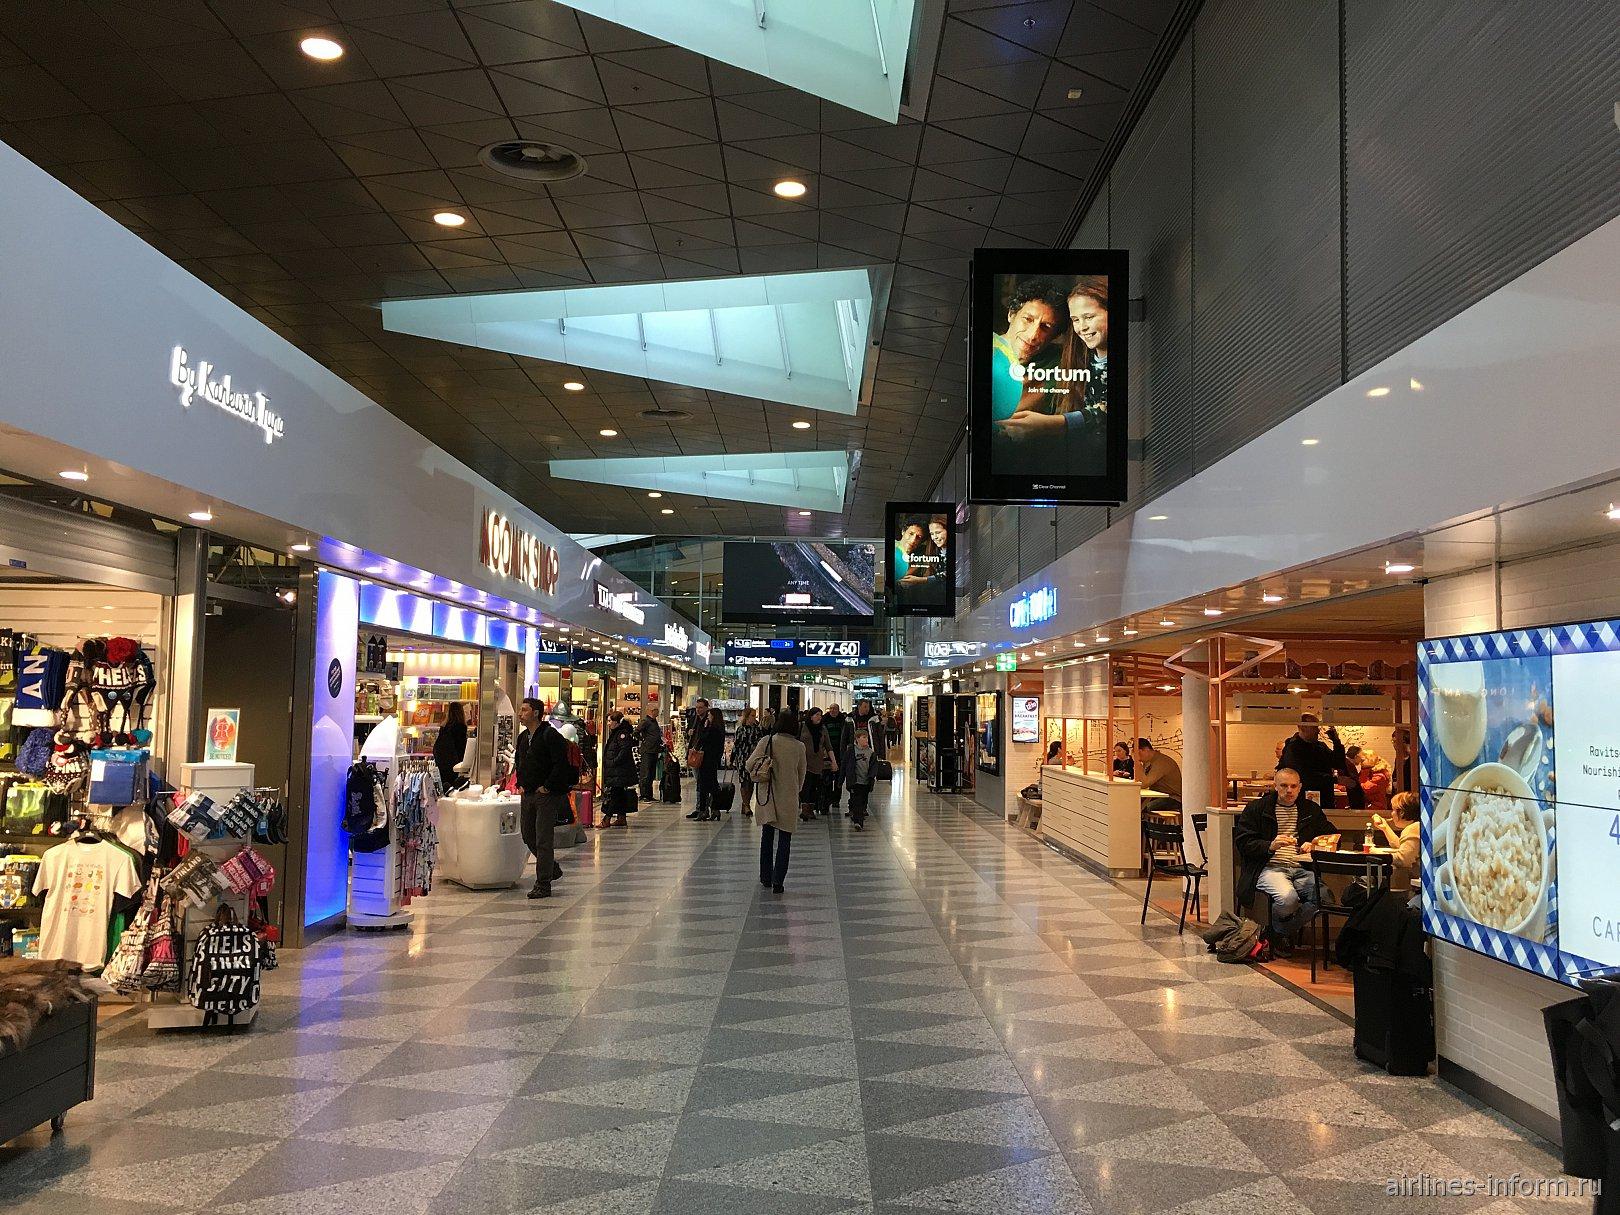 Торговая галерея в чистой зоне терминала 2 аэропорта Хельсинки Вантаа